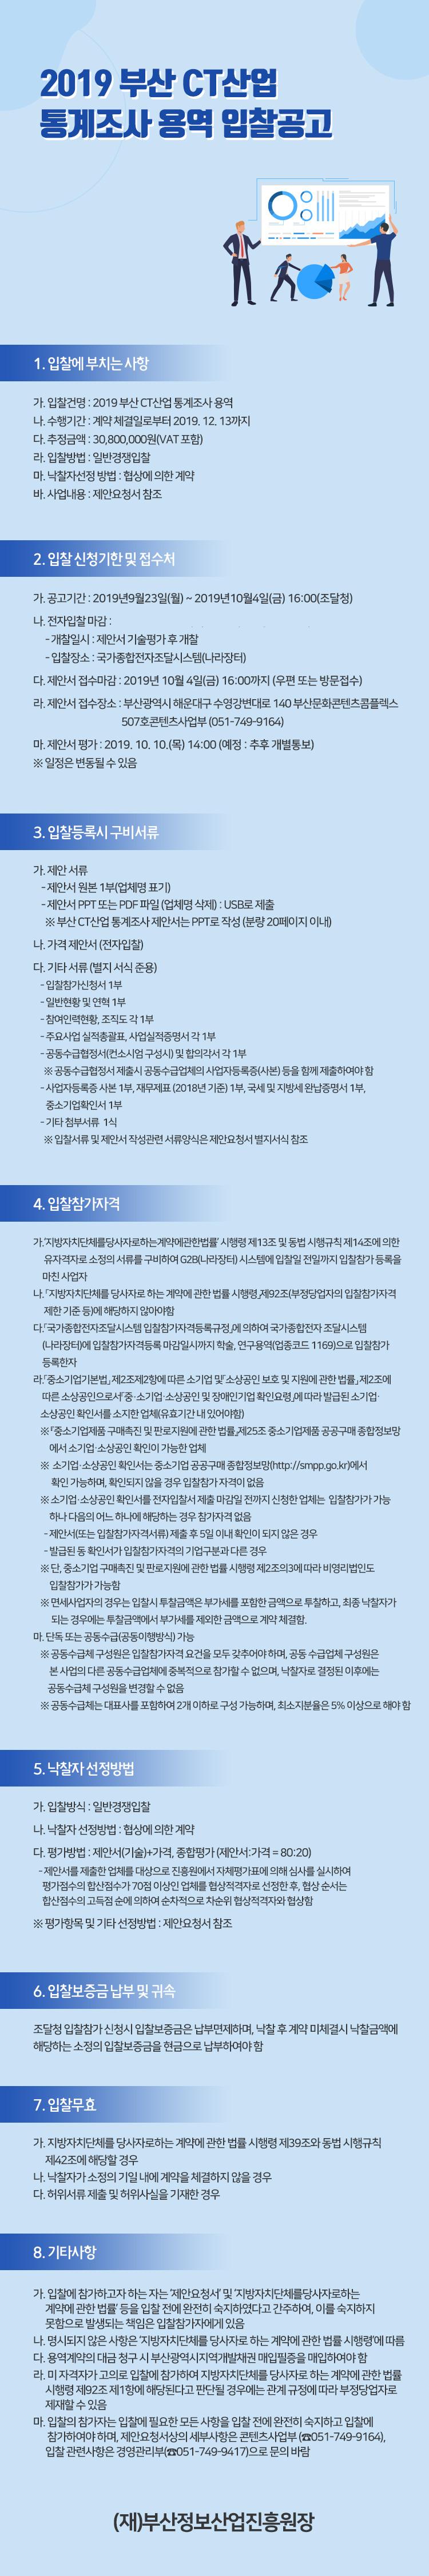 [재공고]2019 부산 CT산업 통계조사 용역 입찰공고